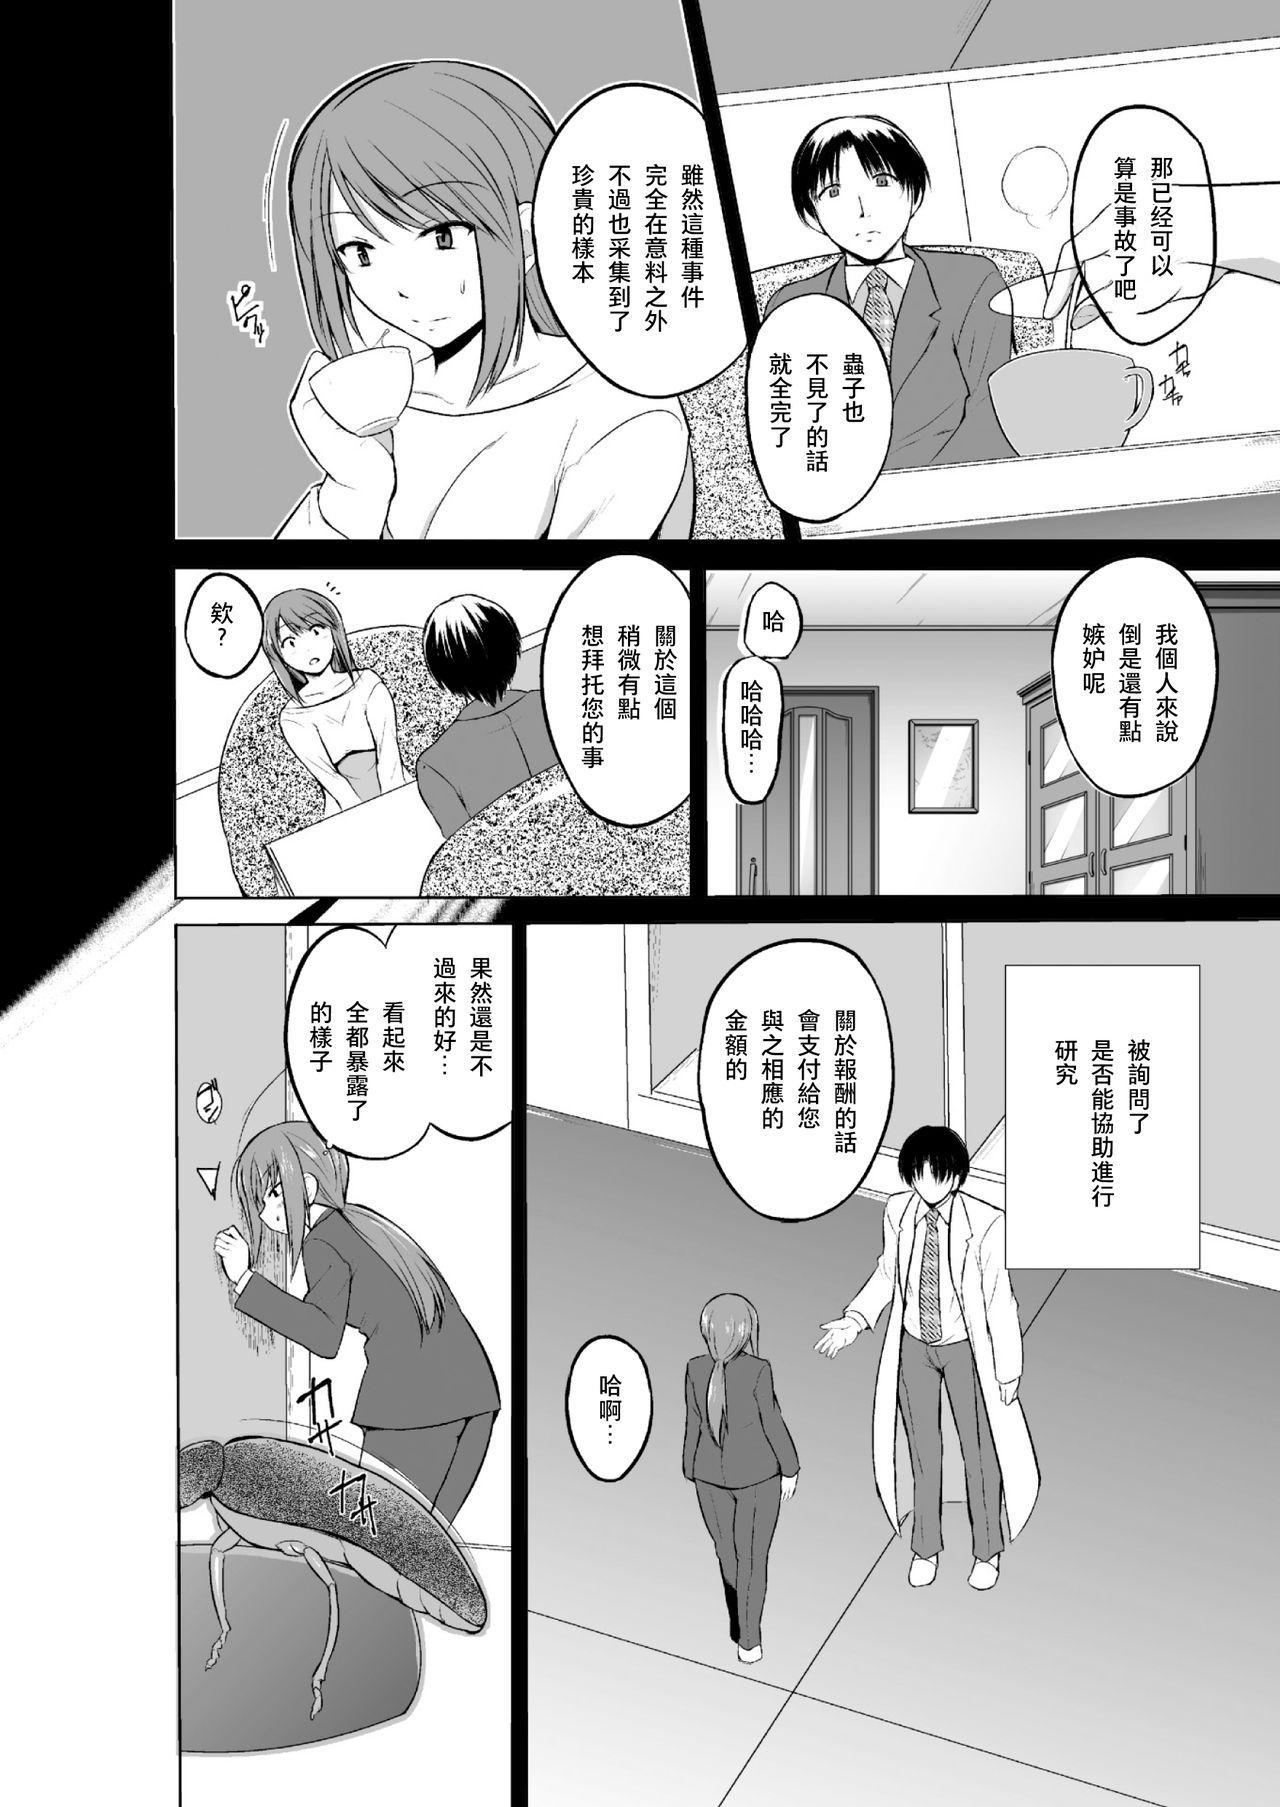 Mushi Asobi 2 Ch. 4 5